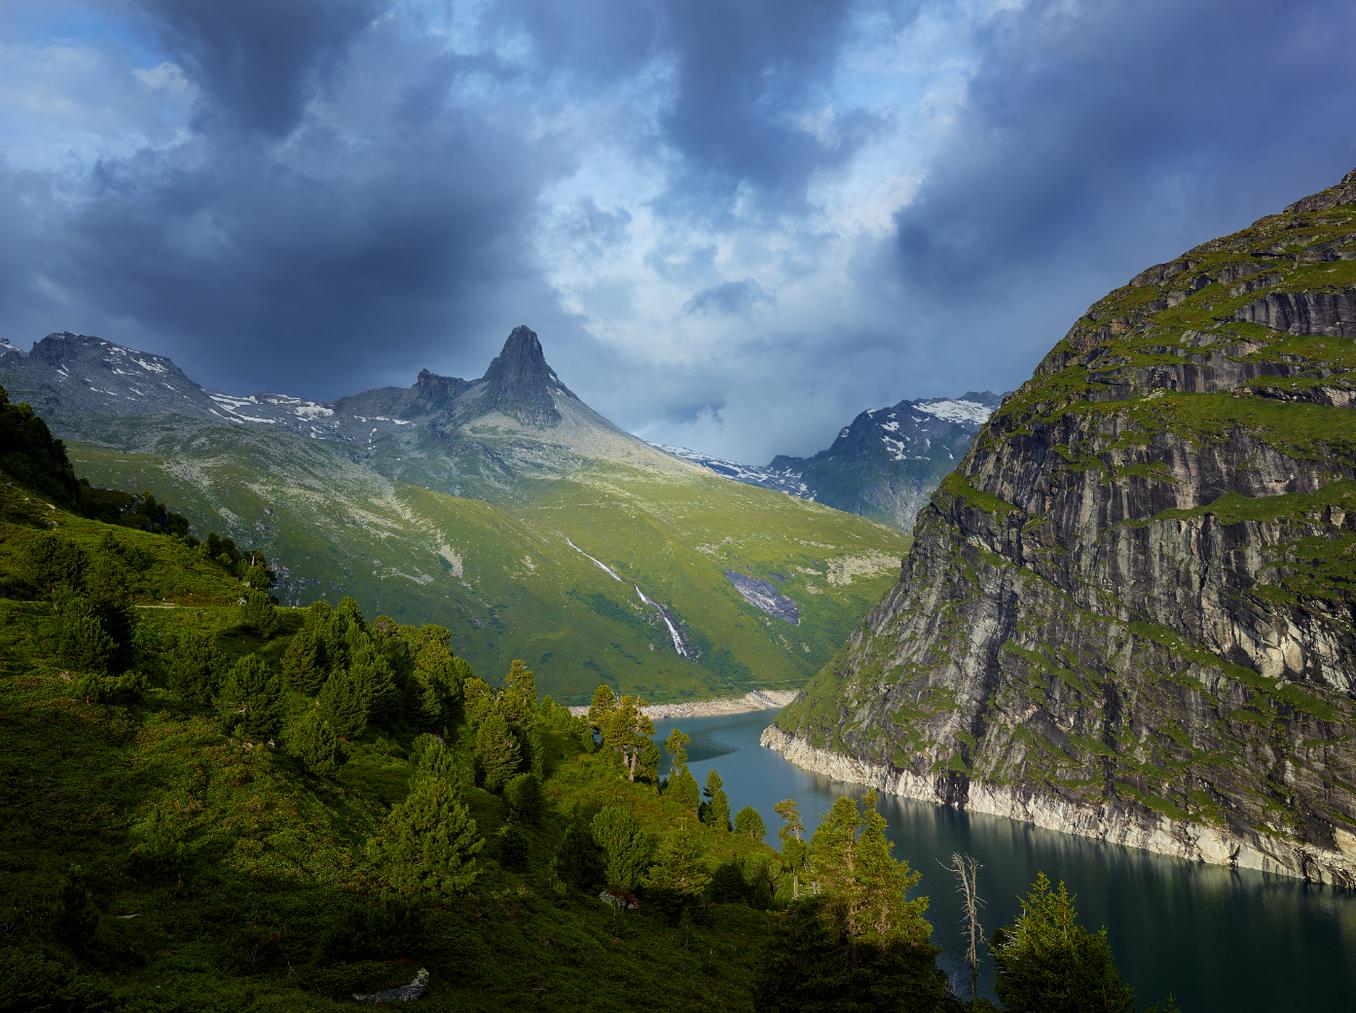 Aussicht auf den Stausee auf dem Panoramaweg oberhalb von Vals. (Bild: zVg)